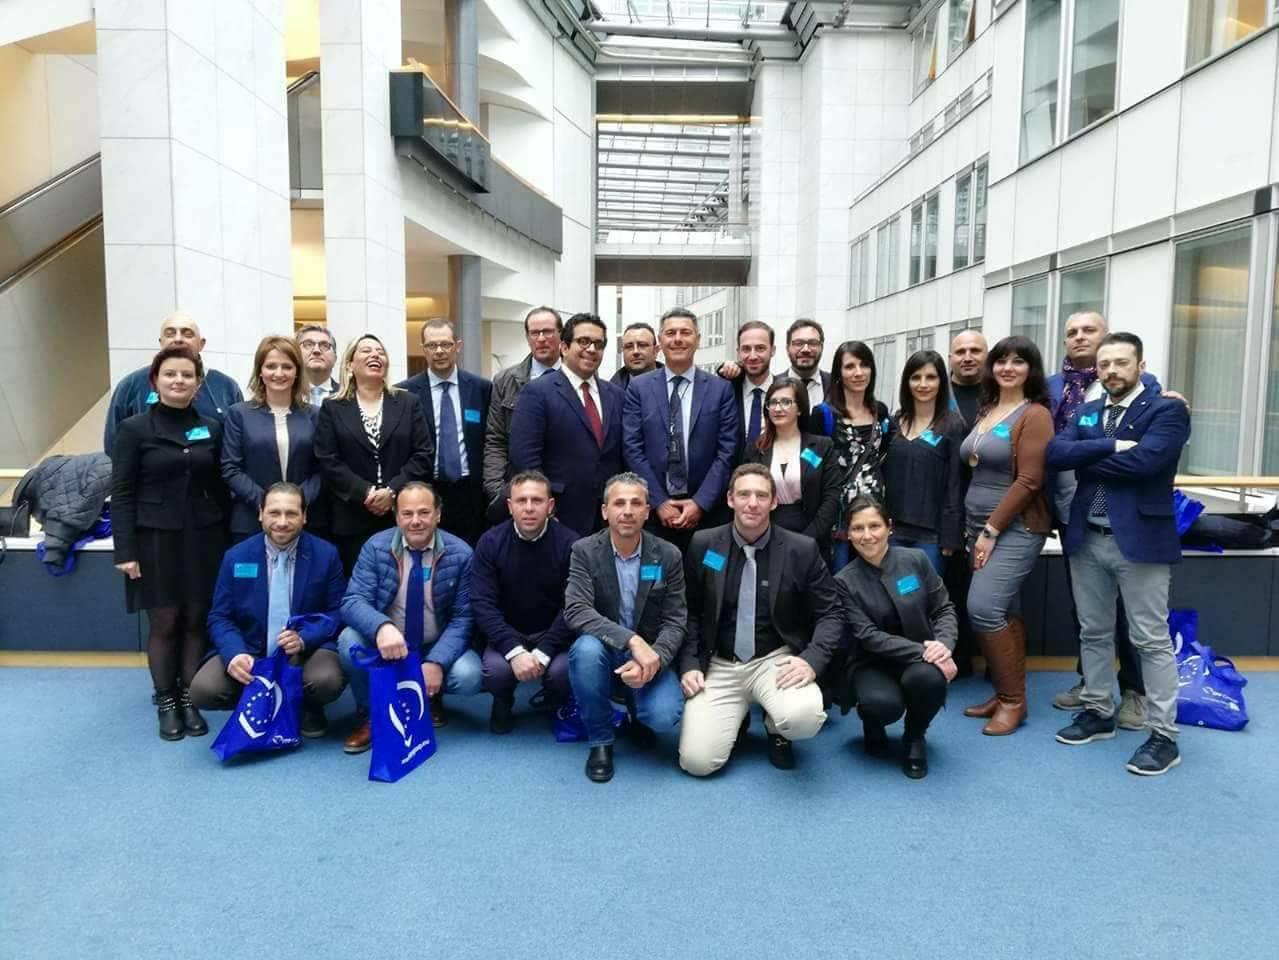 Amministratori madoniti in visita al Parlamento europeo